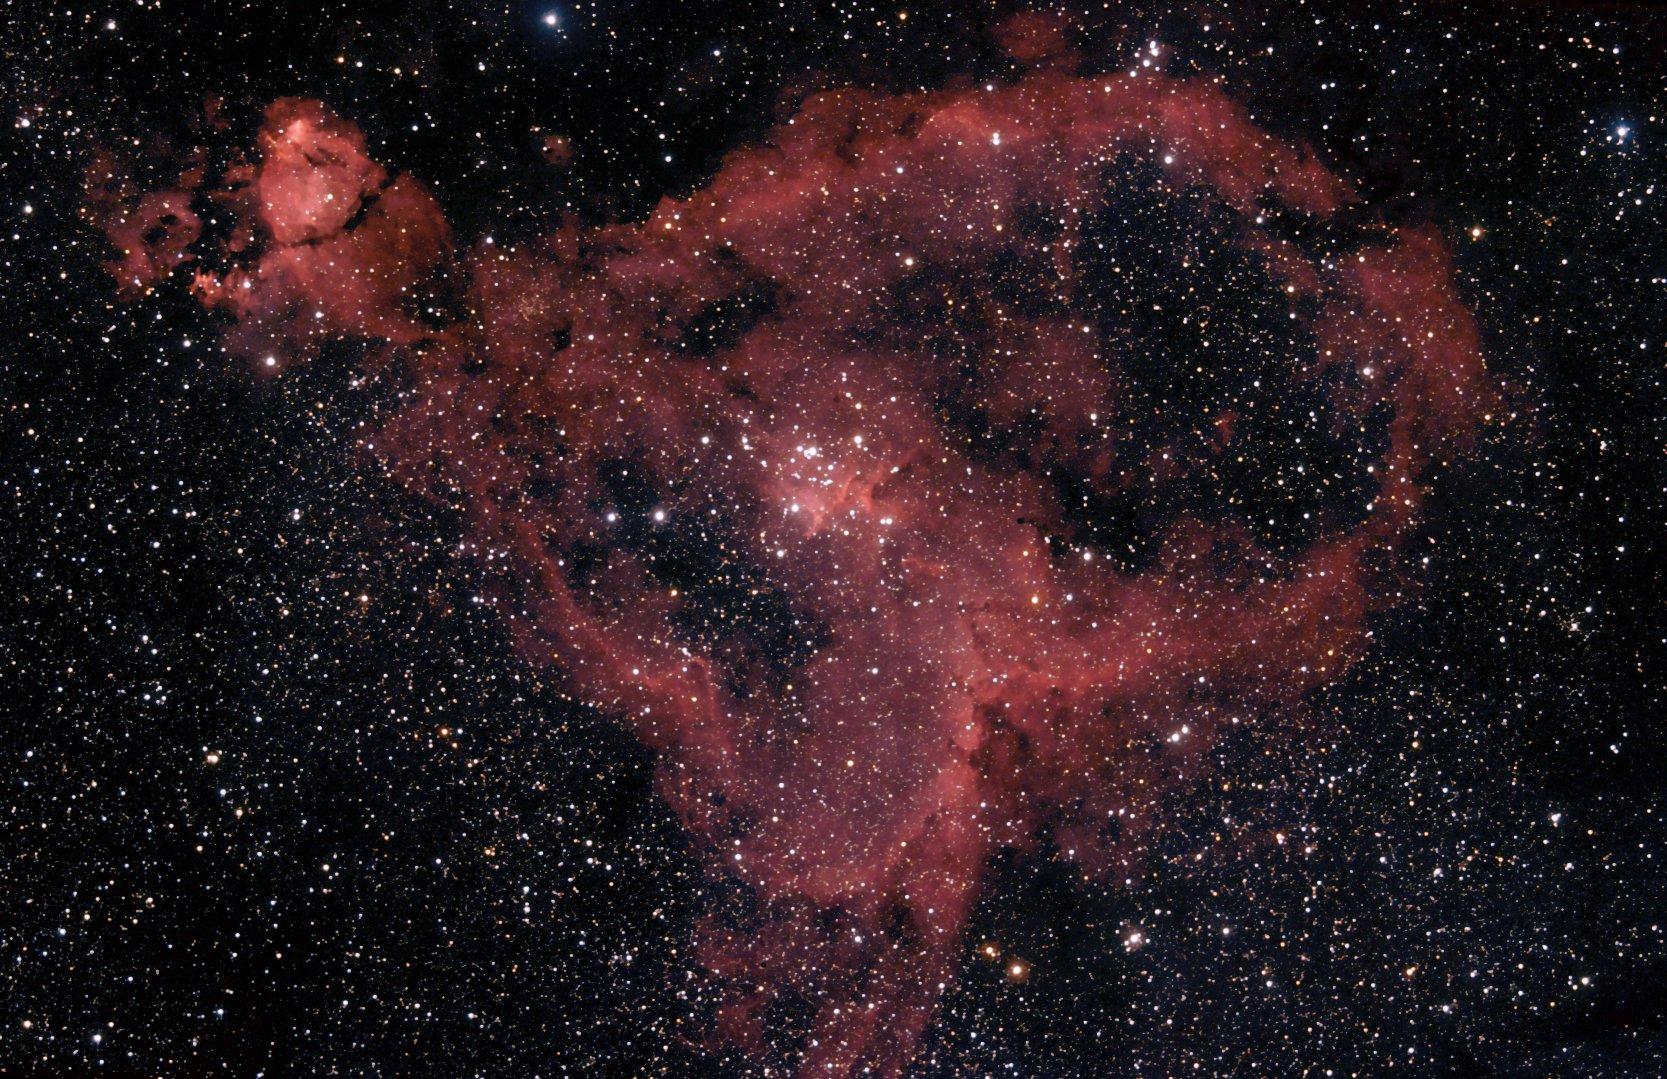 IC1805_2019_01_04.jpg.6377c17b04685eb7df5ffbfdeac77857.jpg